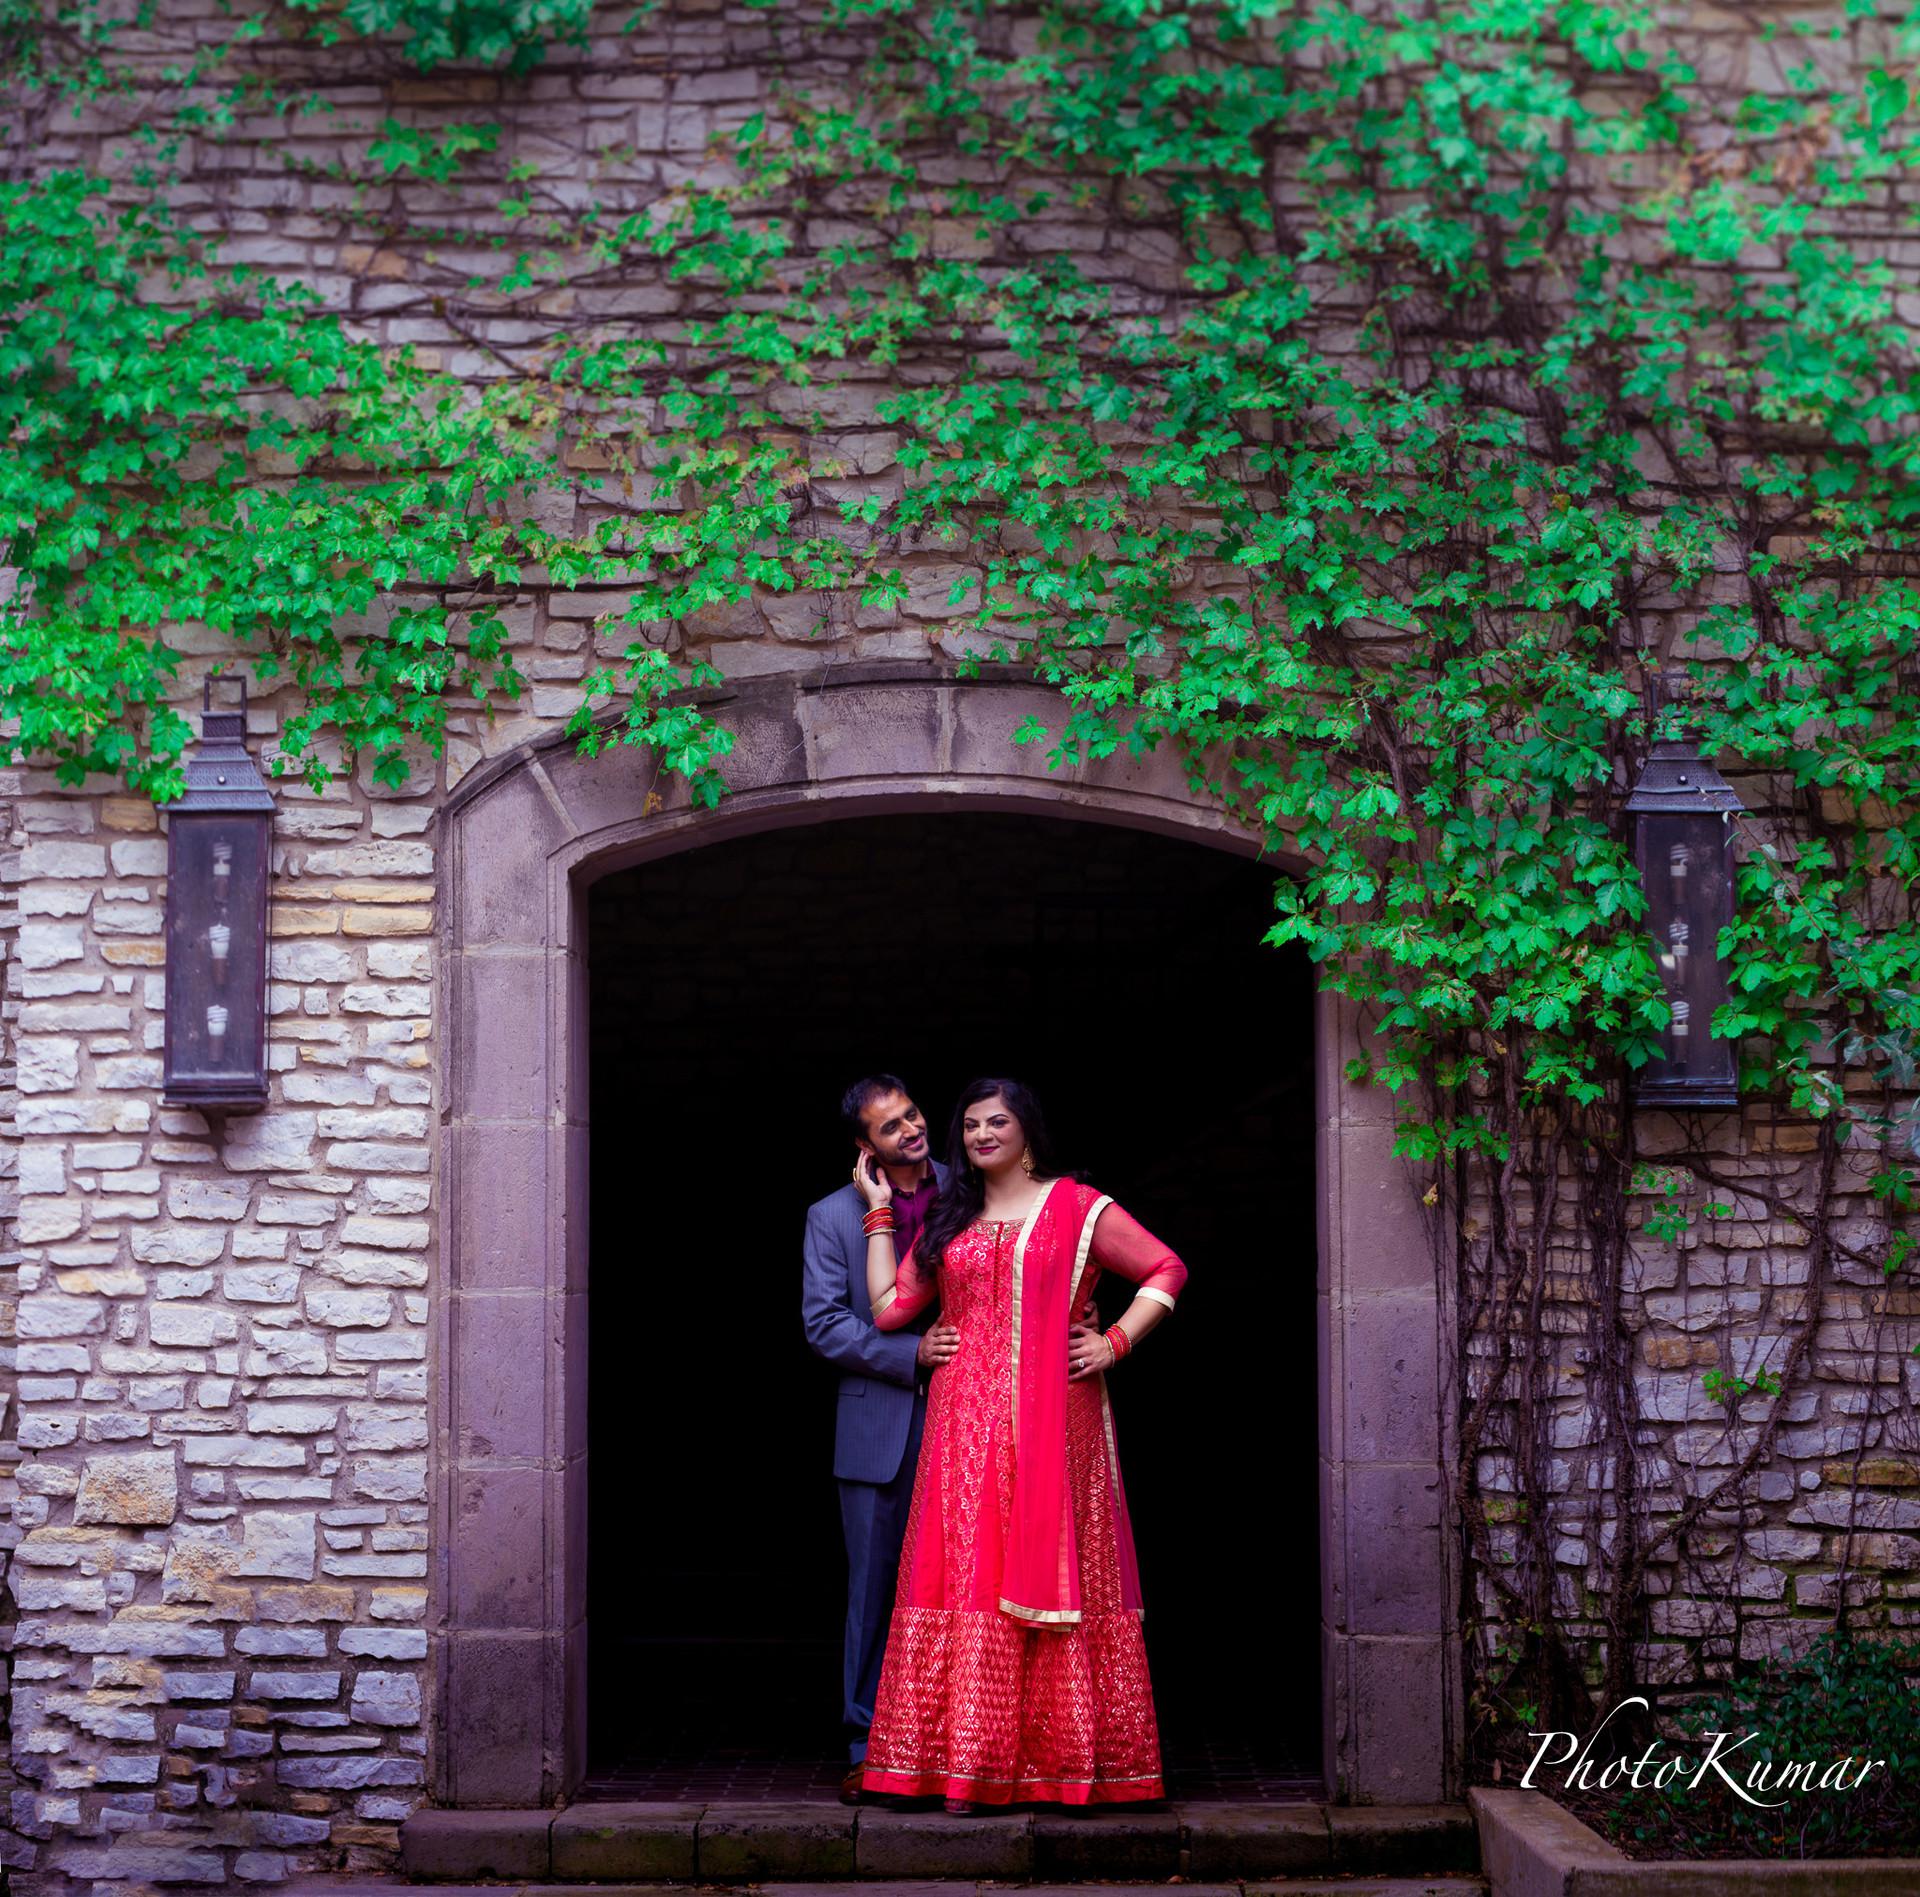 PhotoKumar-Anna and Riyaz-4.jpg